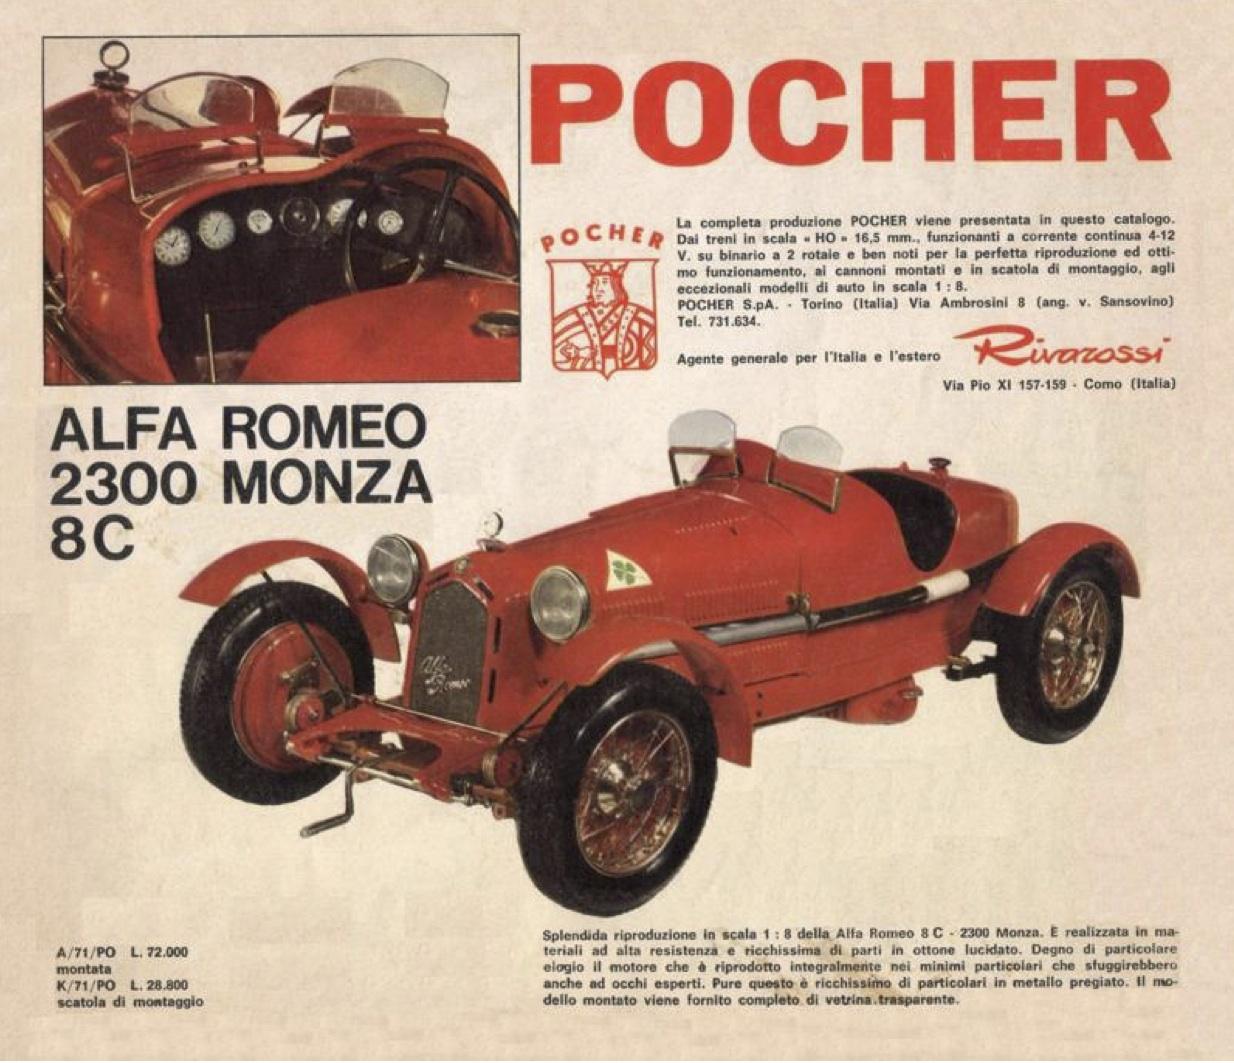 Pocher 1967/68 Catalog